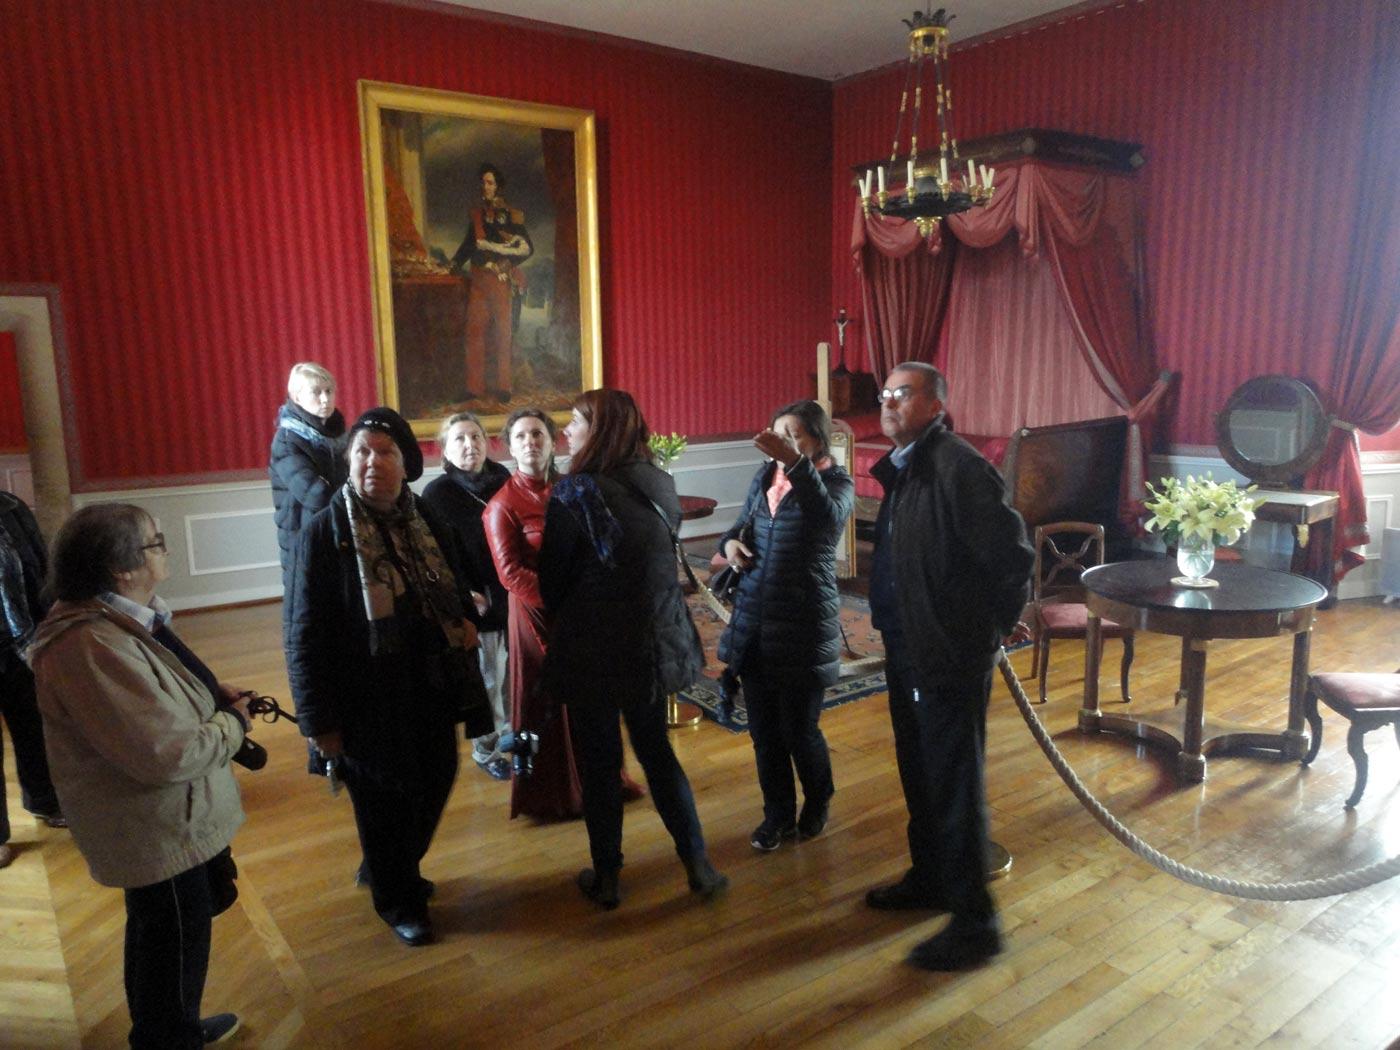 Замок Амбуаз залы герцогов Орлеанских